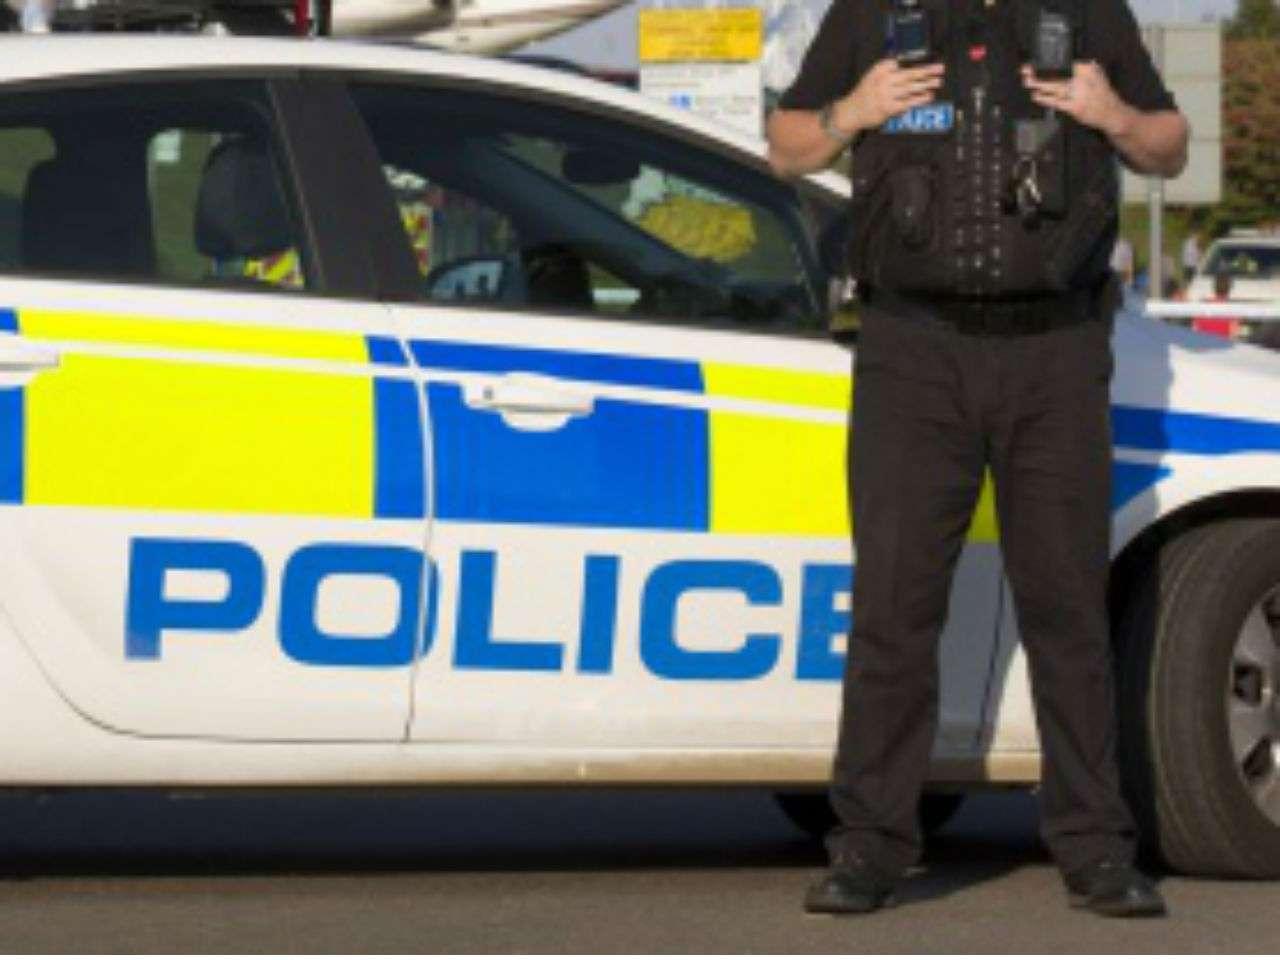 Dos domicilios de Bedfordshire son registrados por agentes británicos en relación con esta investigación. Foto: Archivo/Getty Images